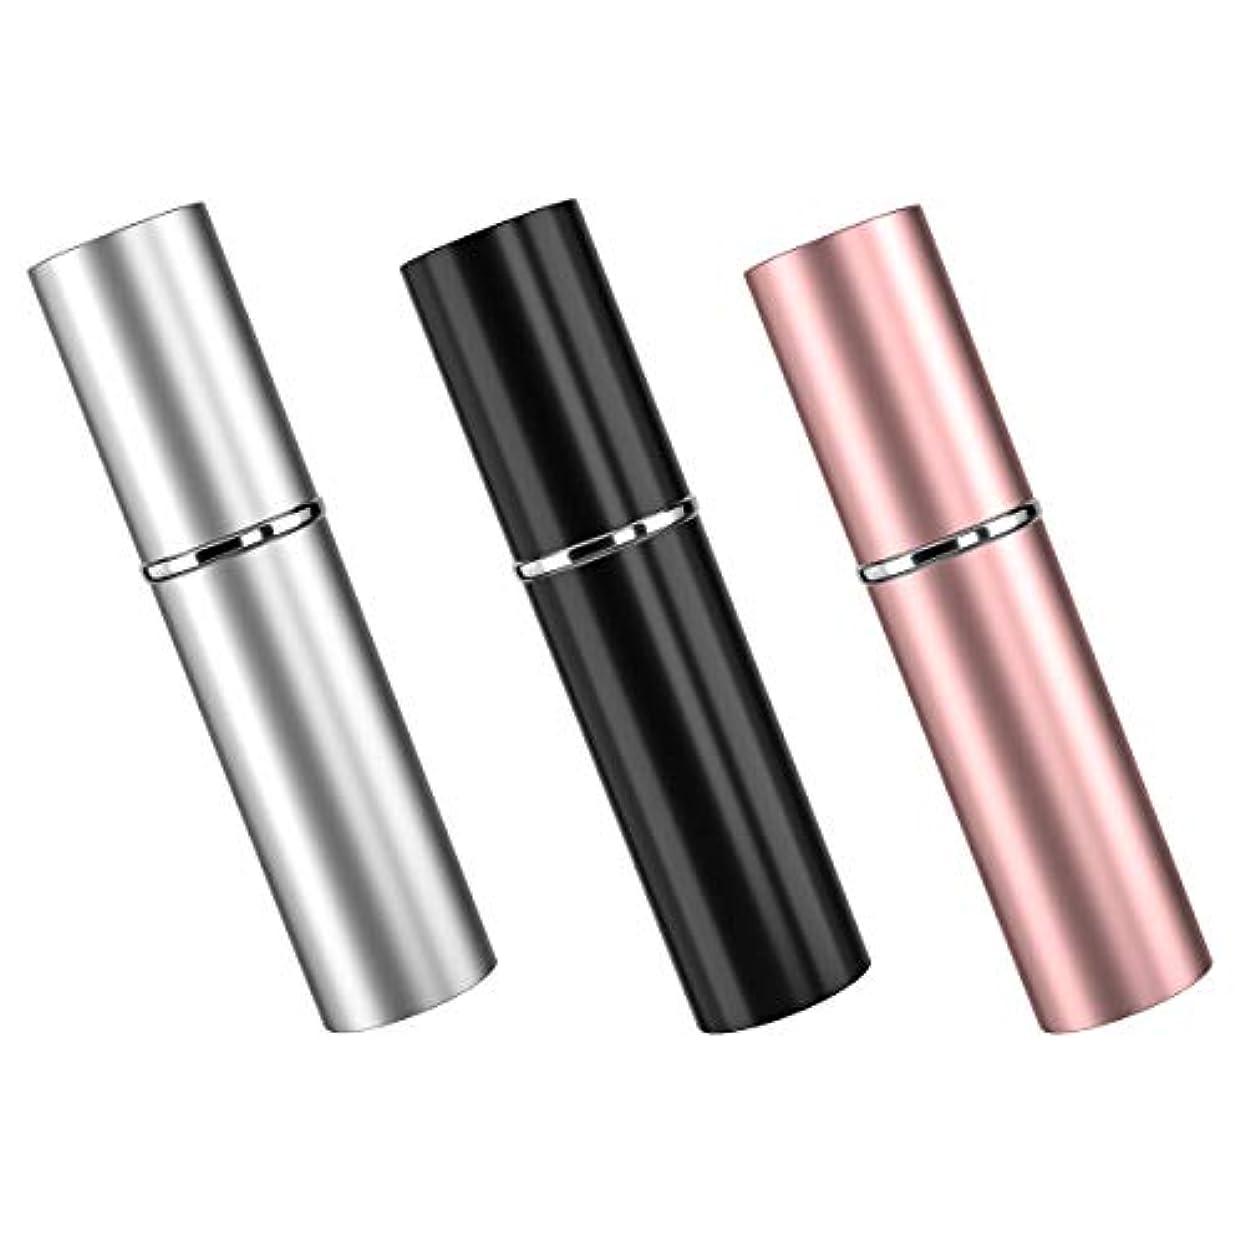 振り向くこんにちはセクションアトマイザ 香水 3色セット 詰め替え容器 スプレーボトル 小分けボトル トラベルボトル 旅行携帯便利 男女兼用 6ml 漏斗付き (ピンク、ブラック、銀)